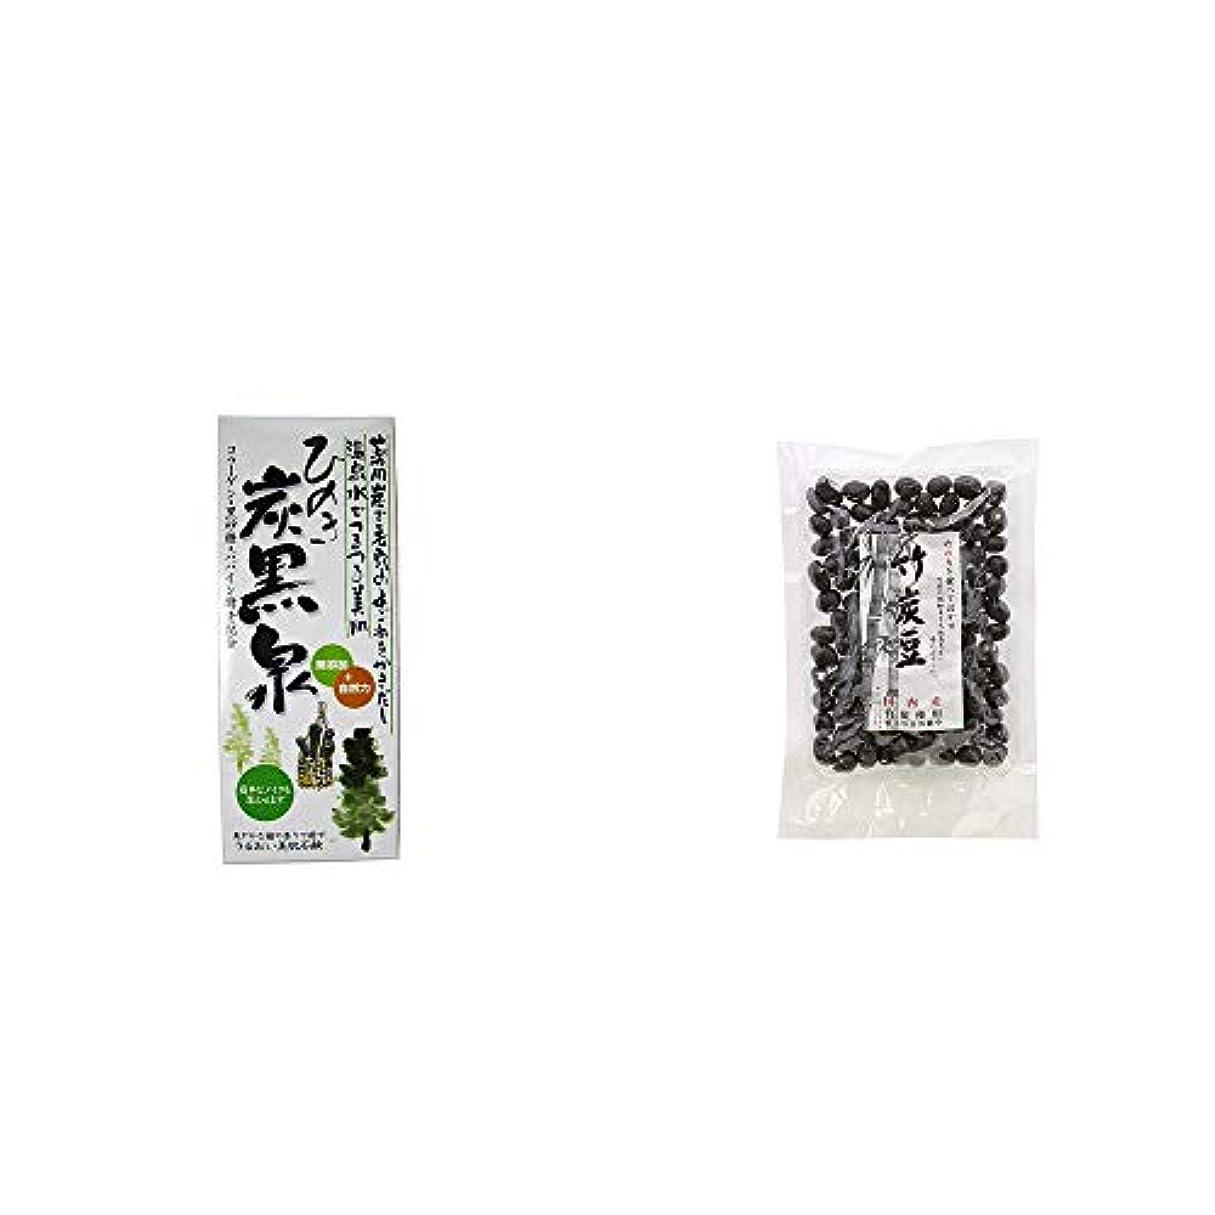 空毎回活性化する[2点セット] ひのき炭黒泉 箱入り(75g×3)?国内産 竹炭使用 竹炭豆(160g)